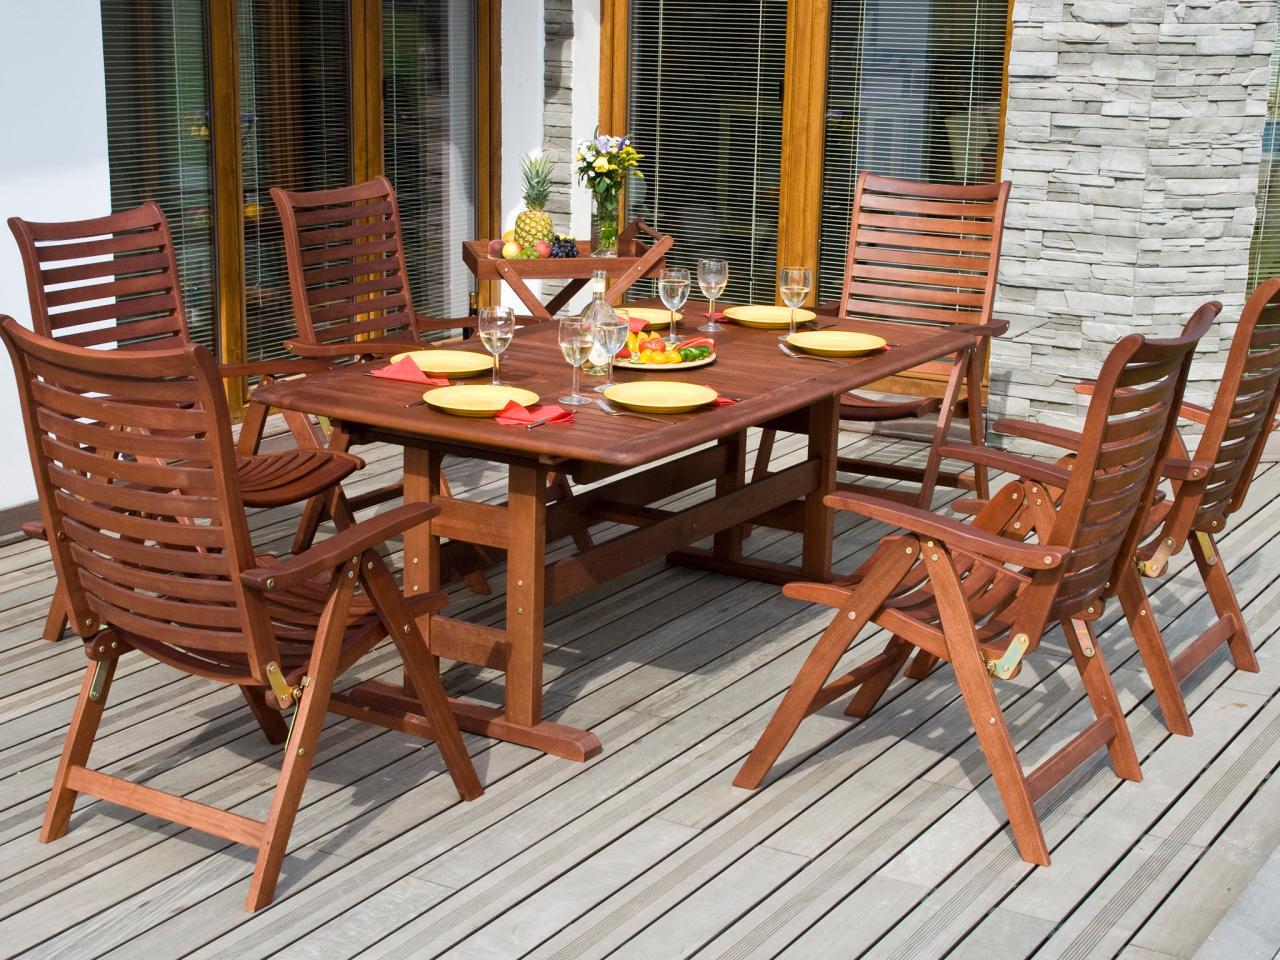 Hướng dẫn cách sửa chân ghế gỗ bị gãy ngay tại nhà